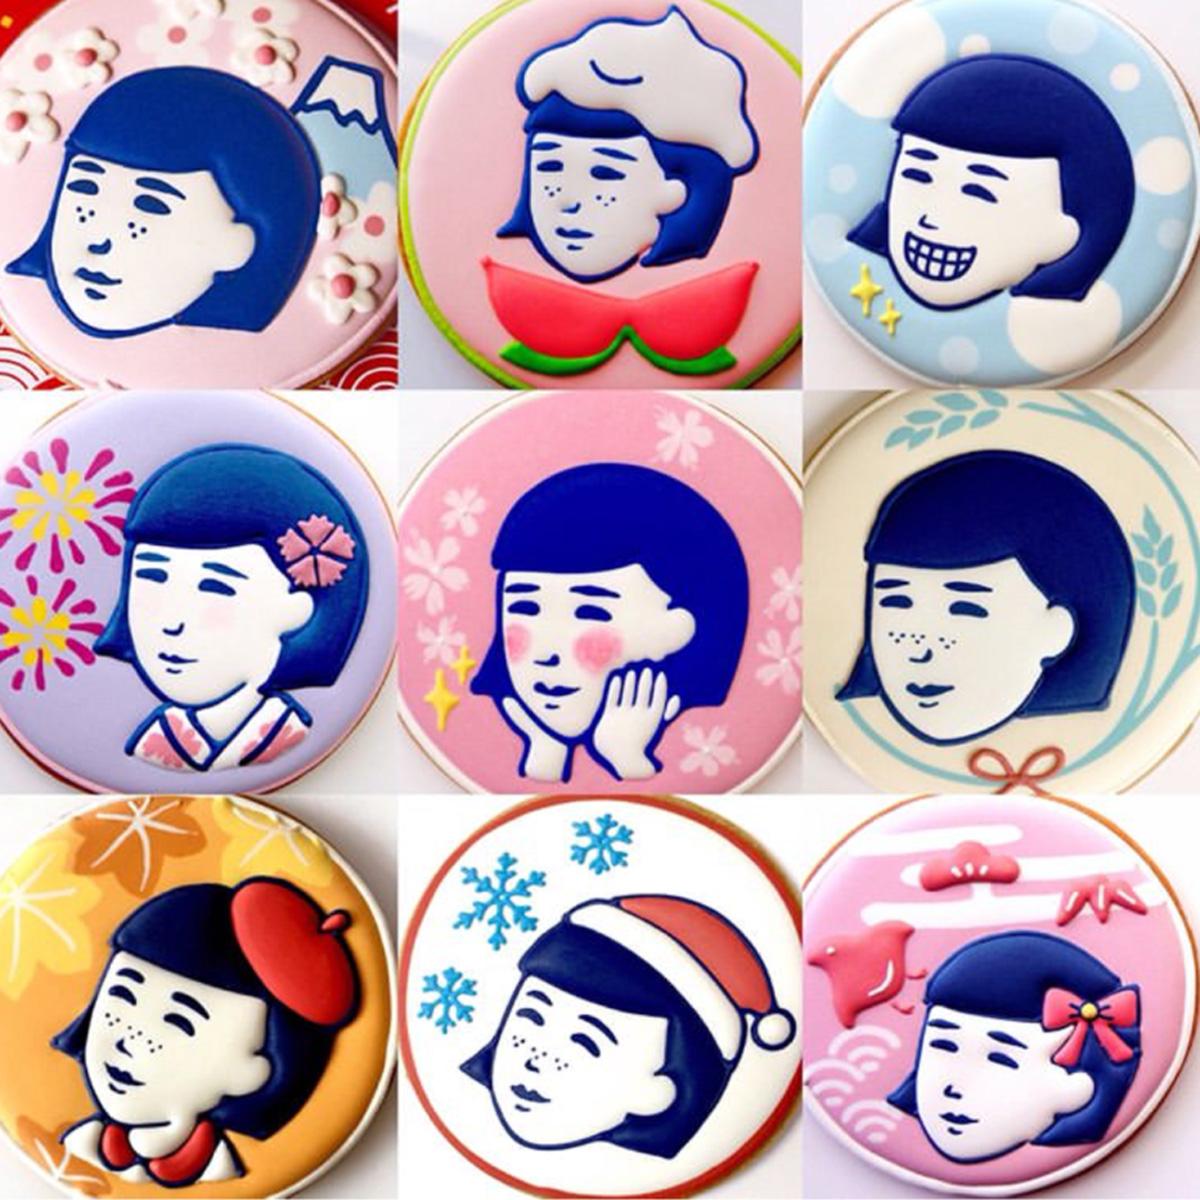 石澤研究所「毛穴撫子」10周年キャンペーン企画クッキー